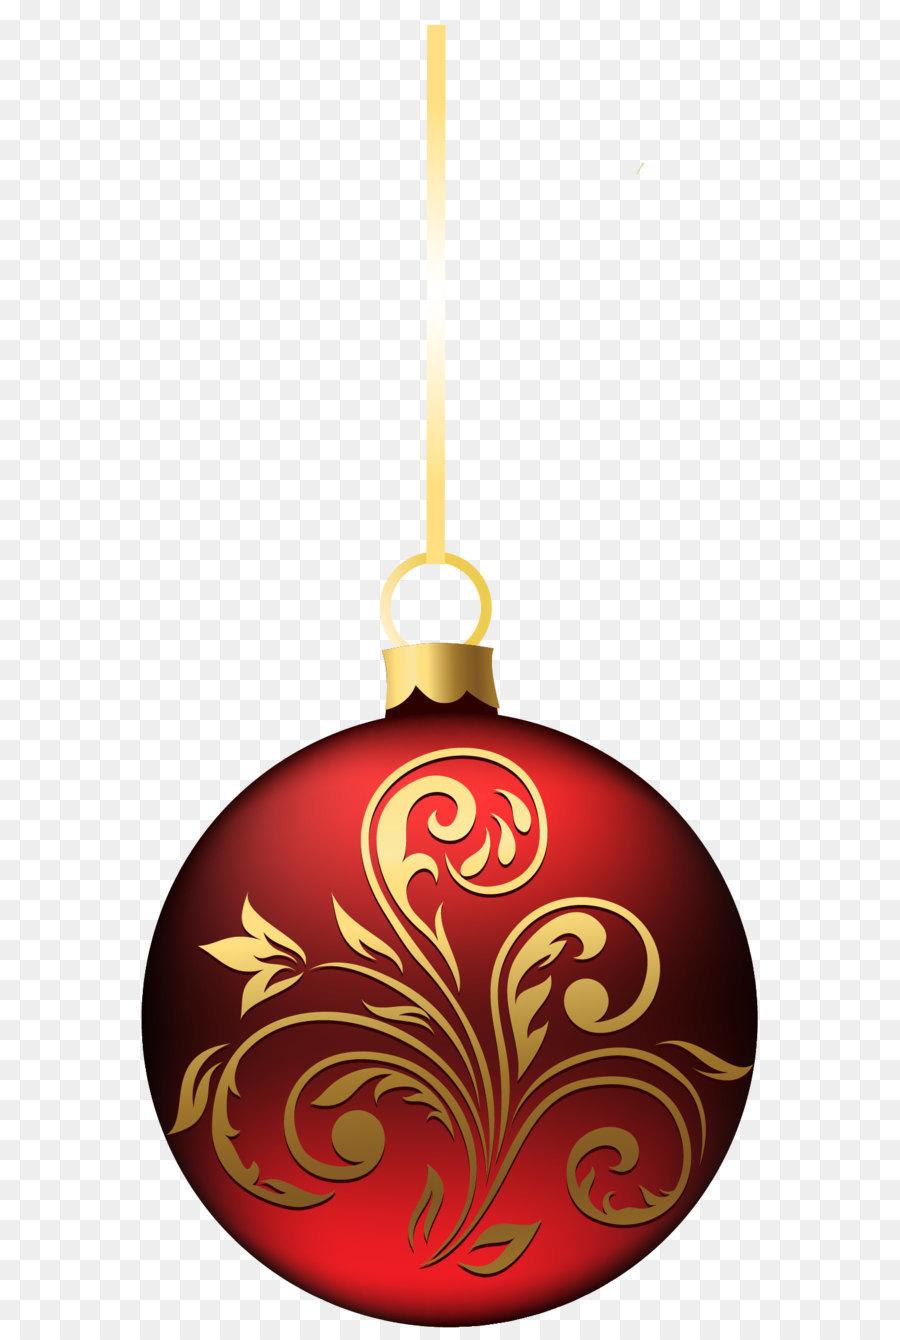 Descarga gratuita de La Navidad, Vacaciones, Bola Imágen de Png